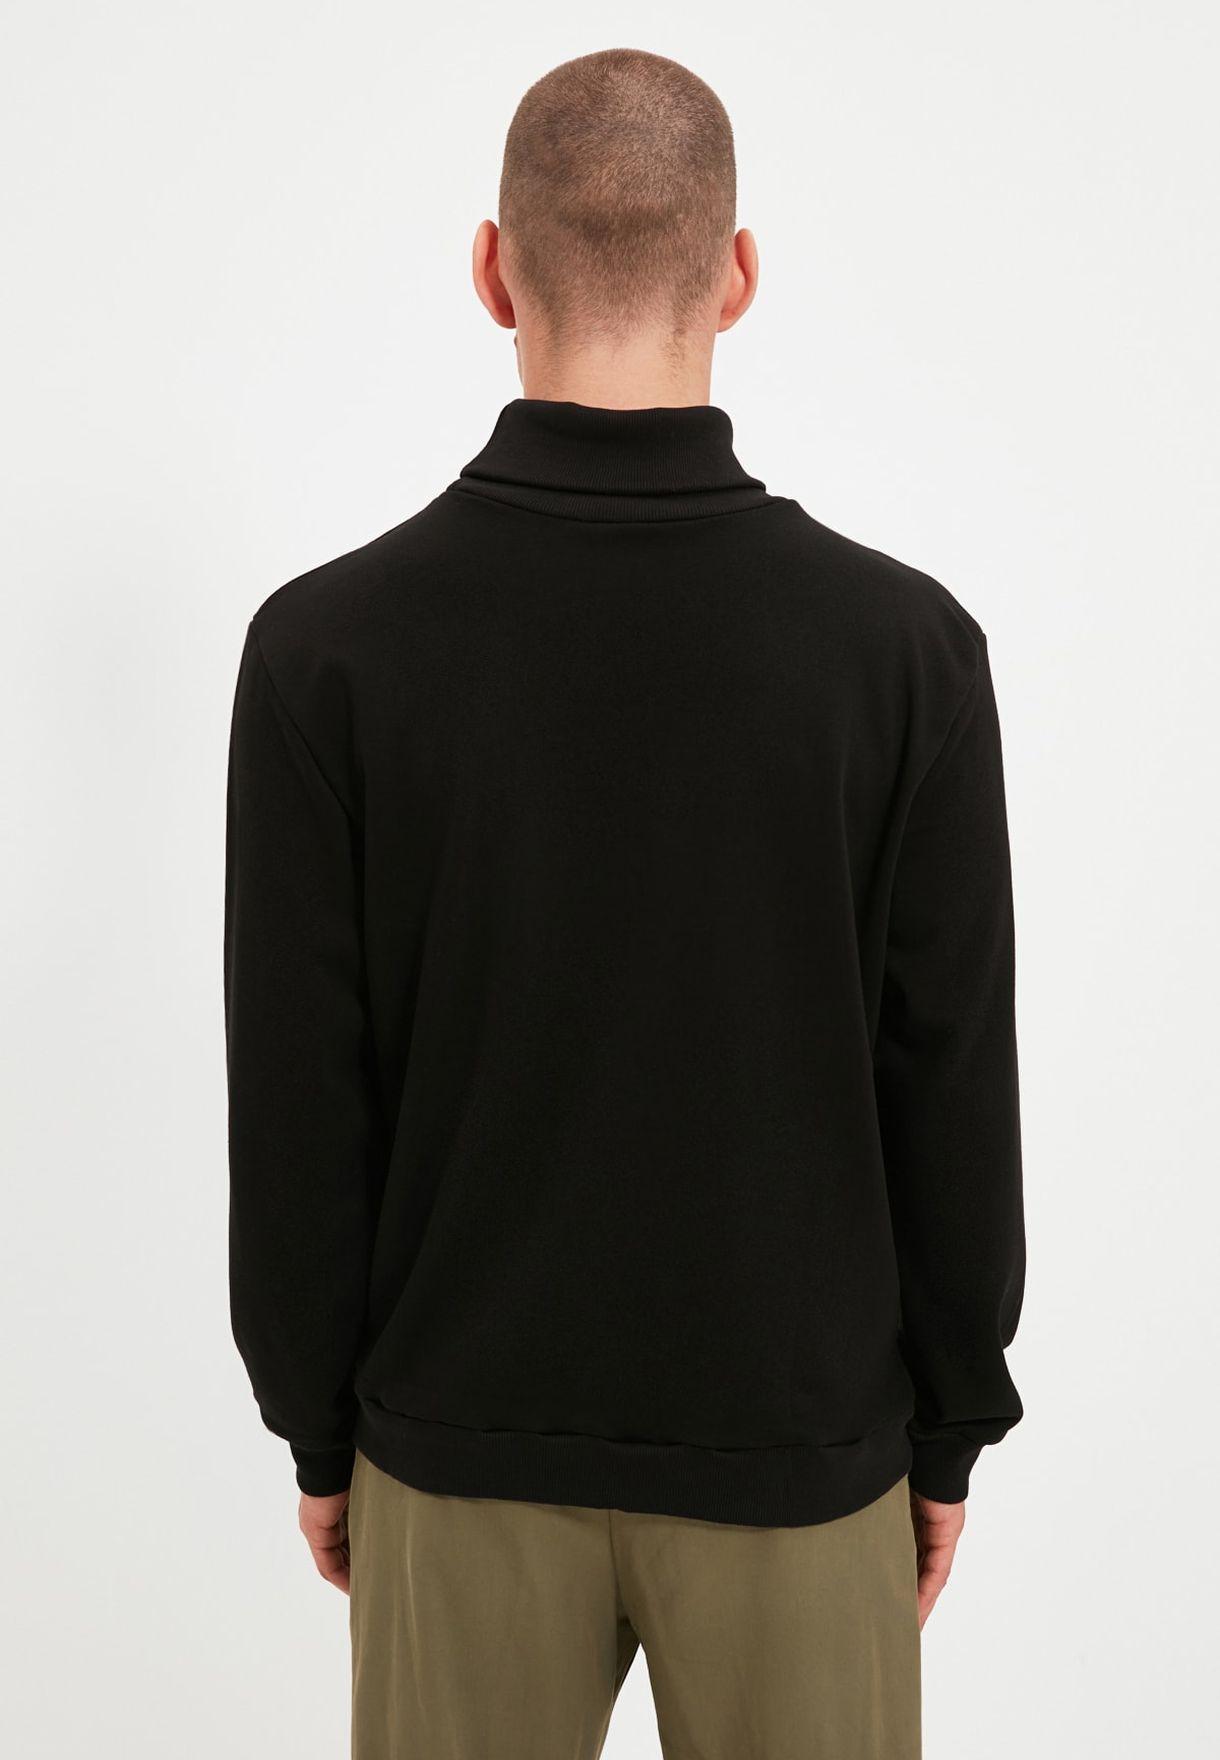 Turtle Neck Sweatshirt